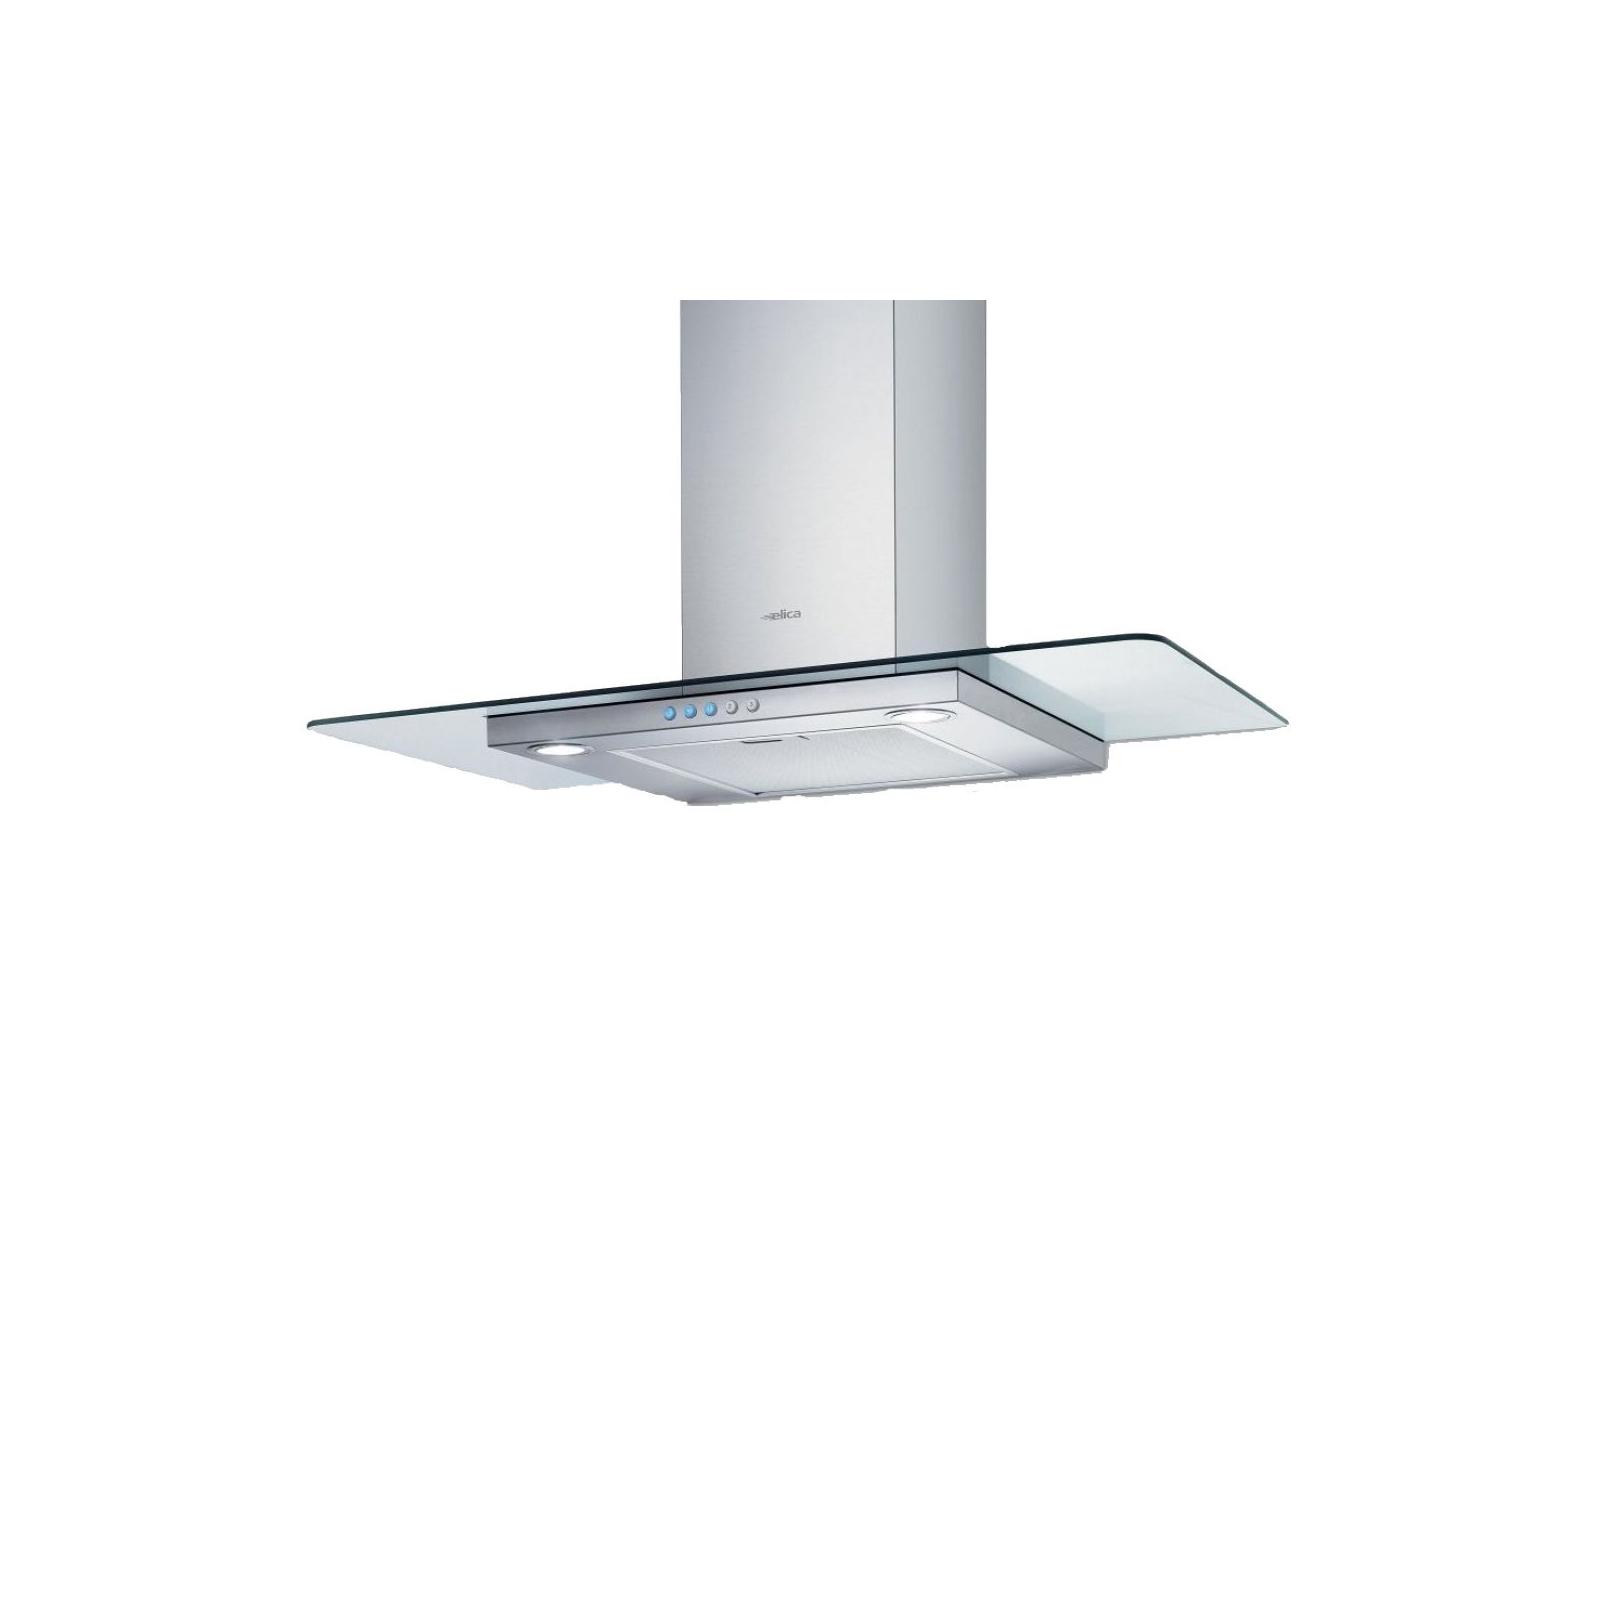 Вытяжка кухонная Elica FLAT GLASS IX A/90